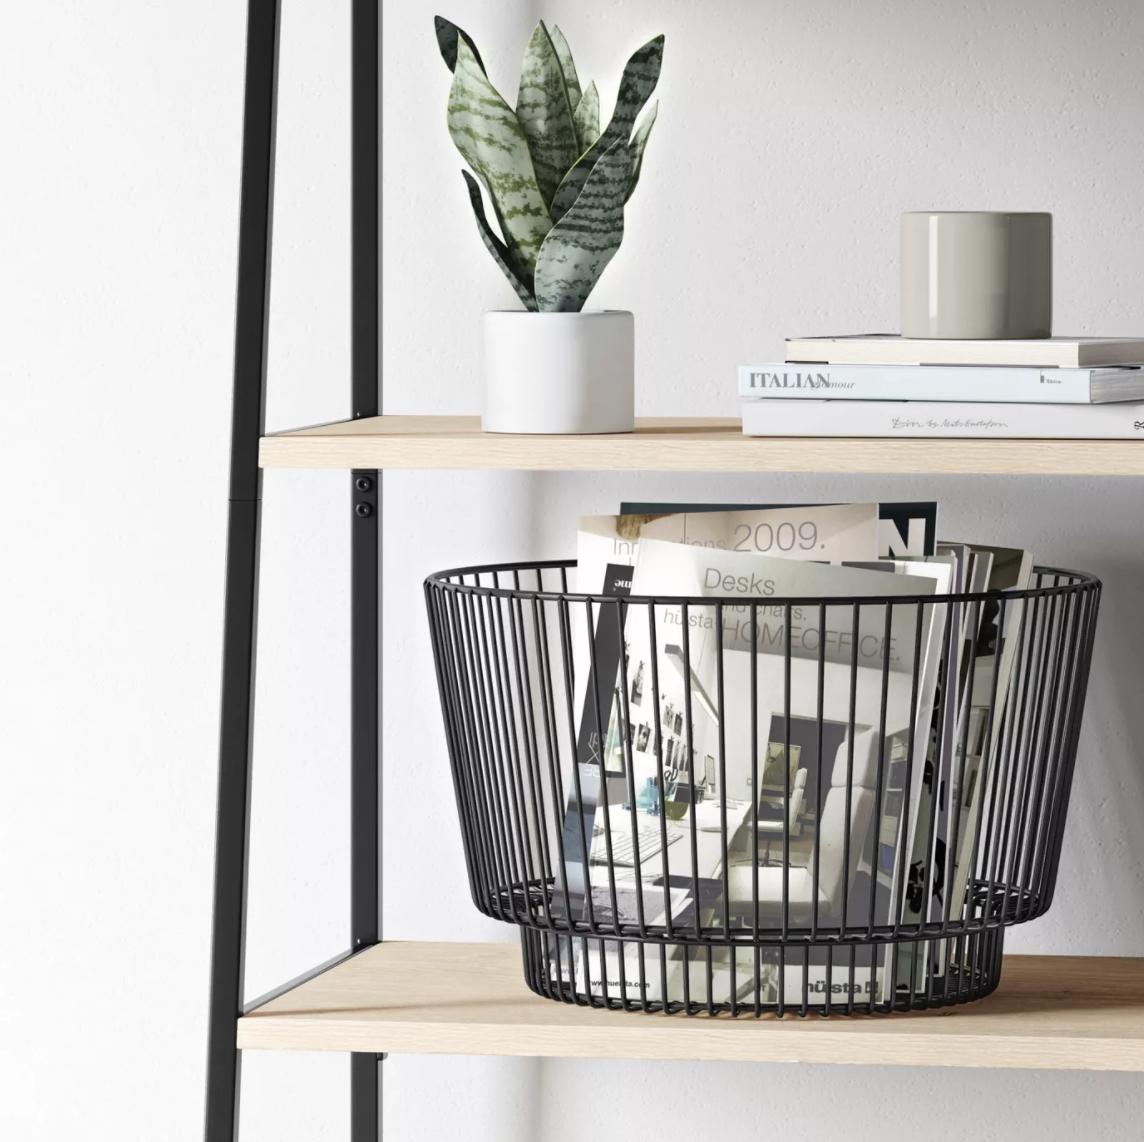 the black storage basket holding magazines